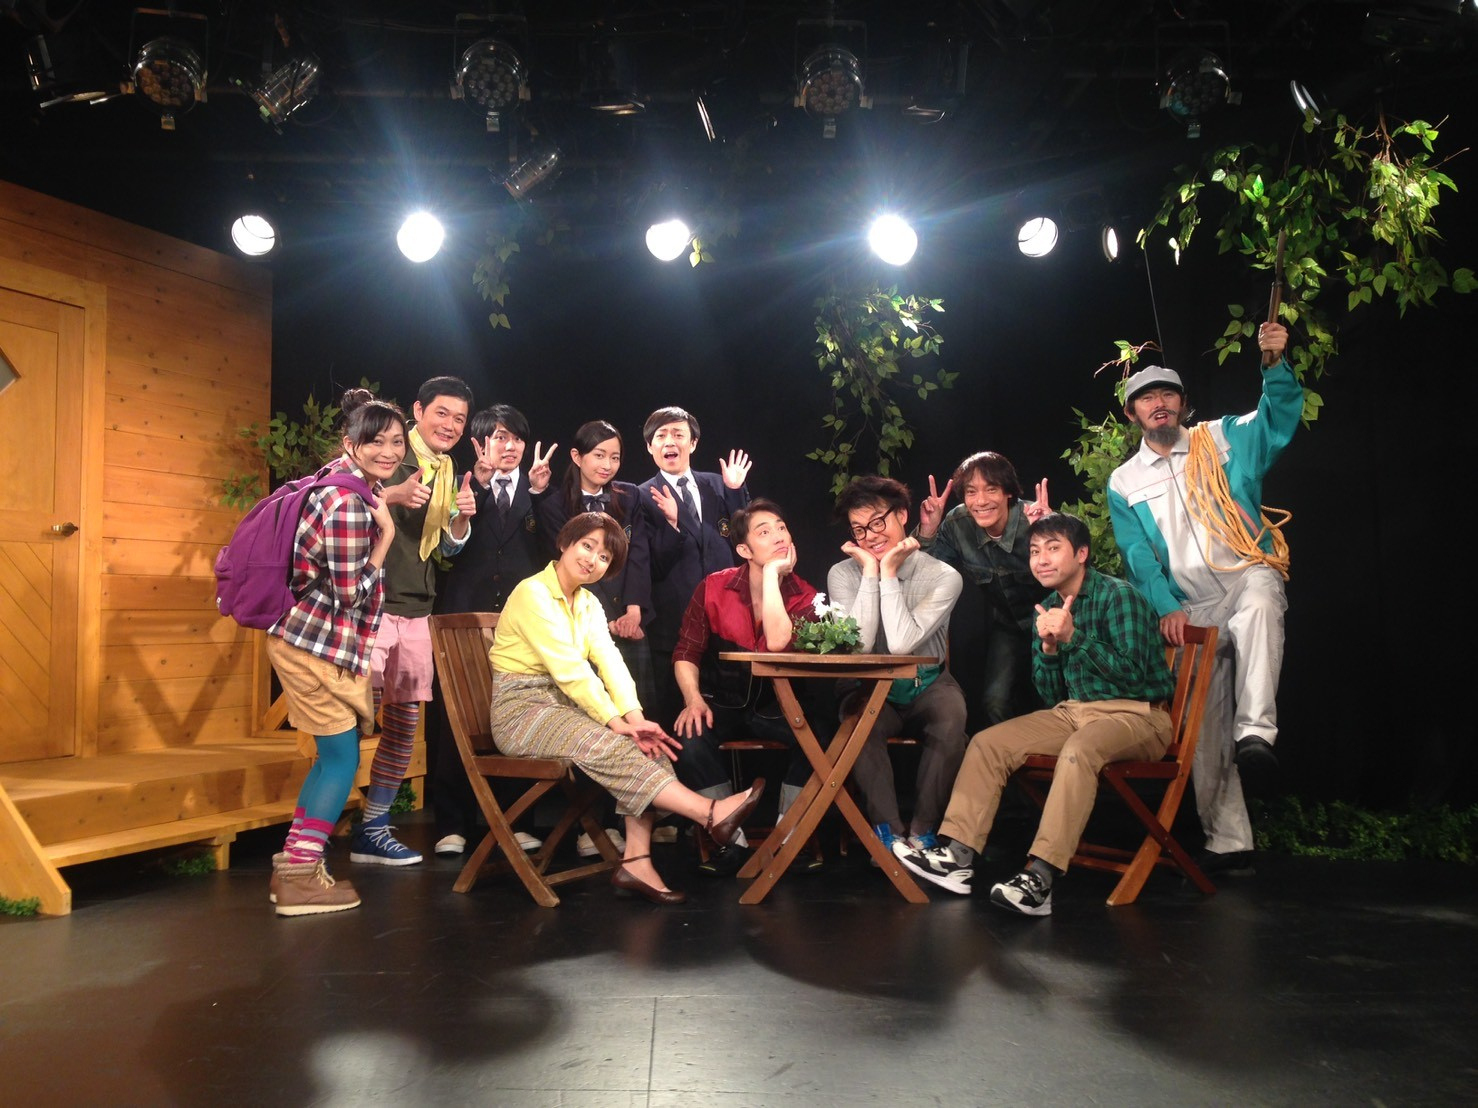 第23回公演『同想会』 中目黒・ウッディシアター中目黒